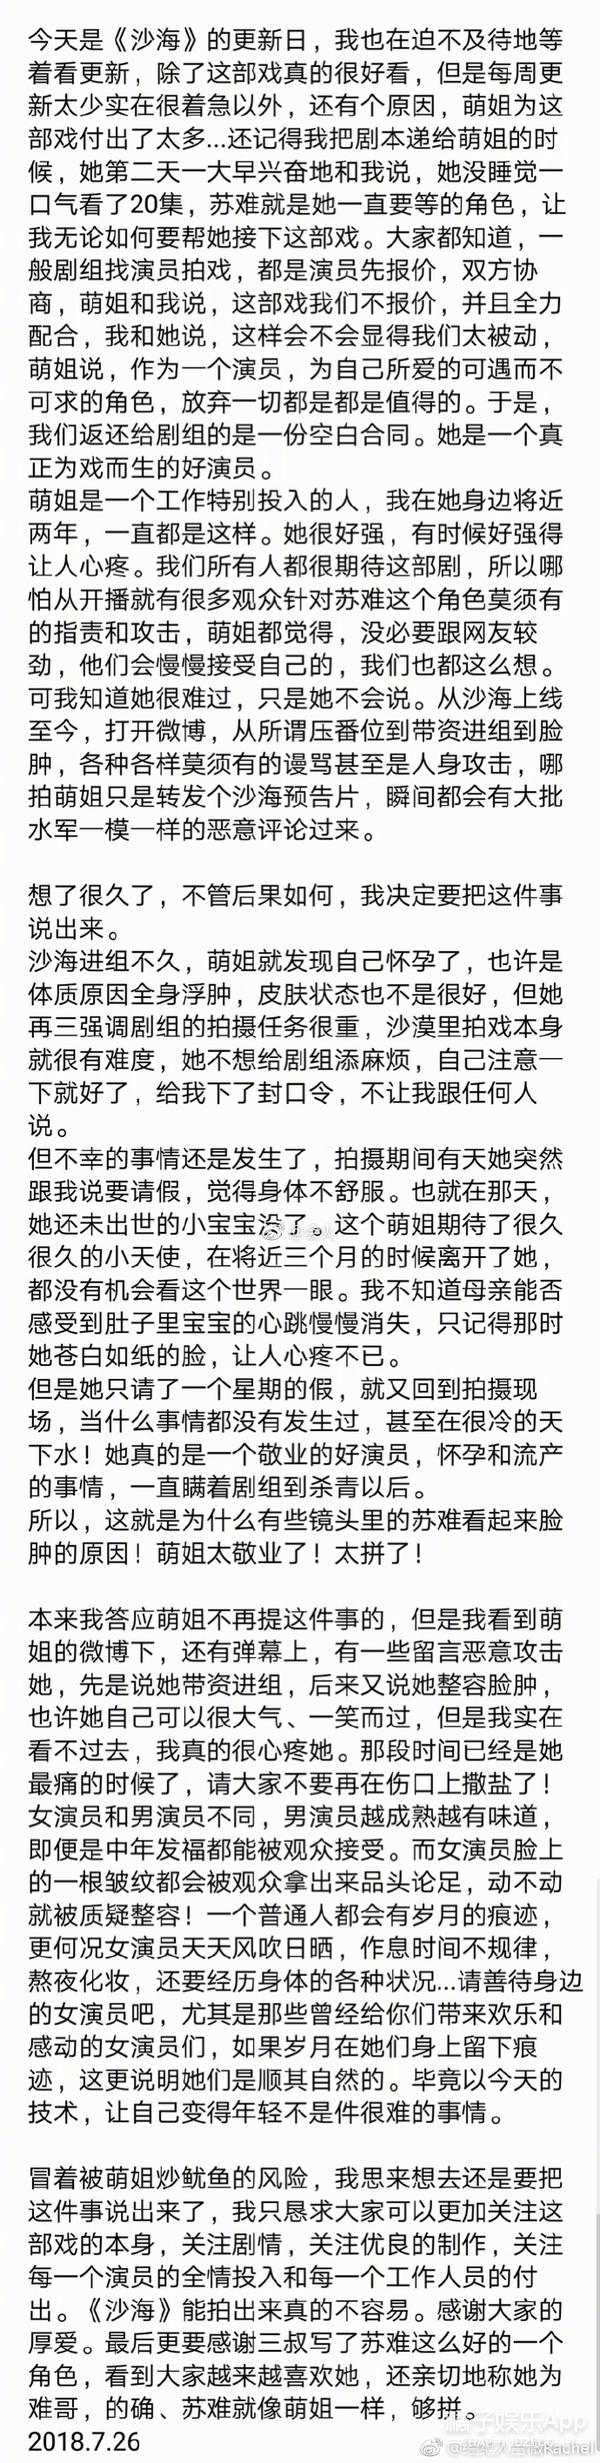 疑似郑爽新男友正面曝光 陈妍希回应小龙女选角